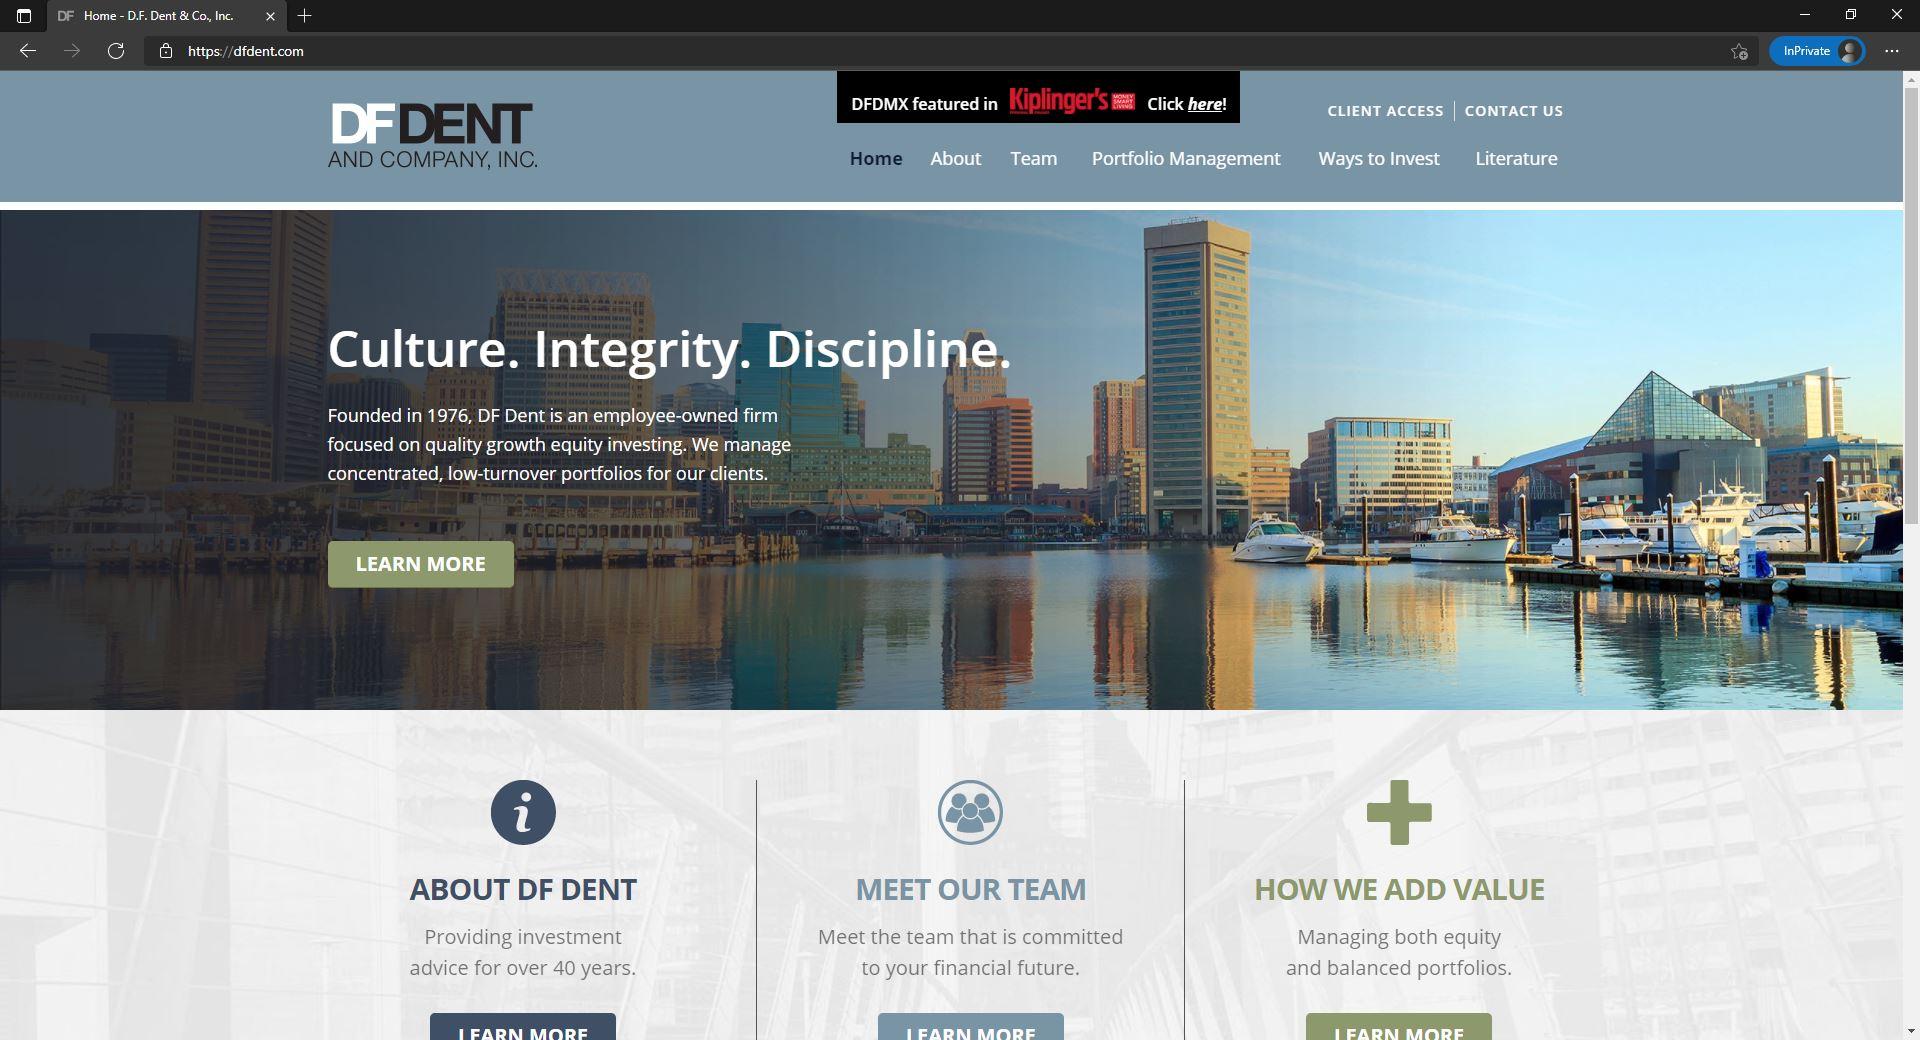 D.F. Dent & Co website